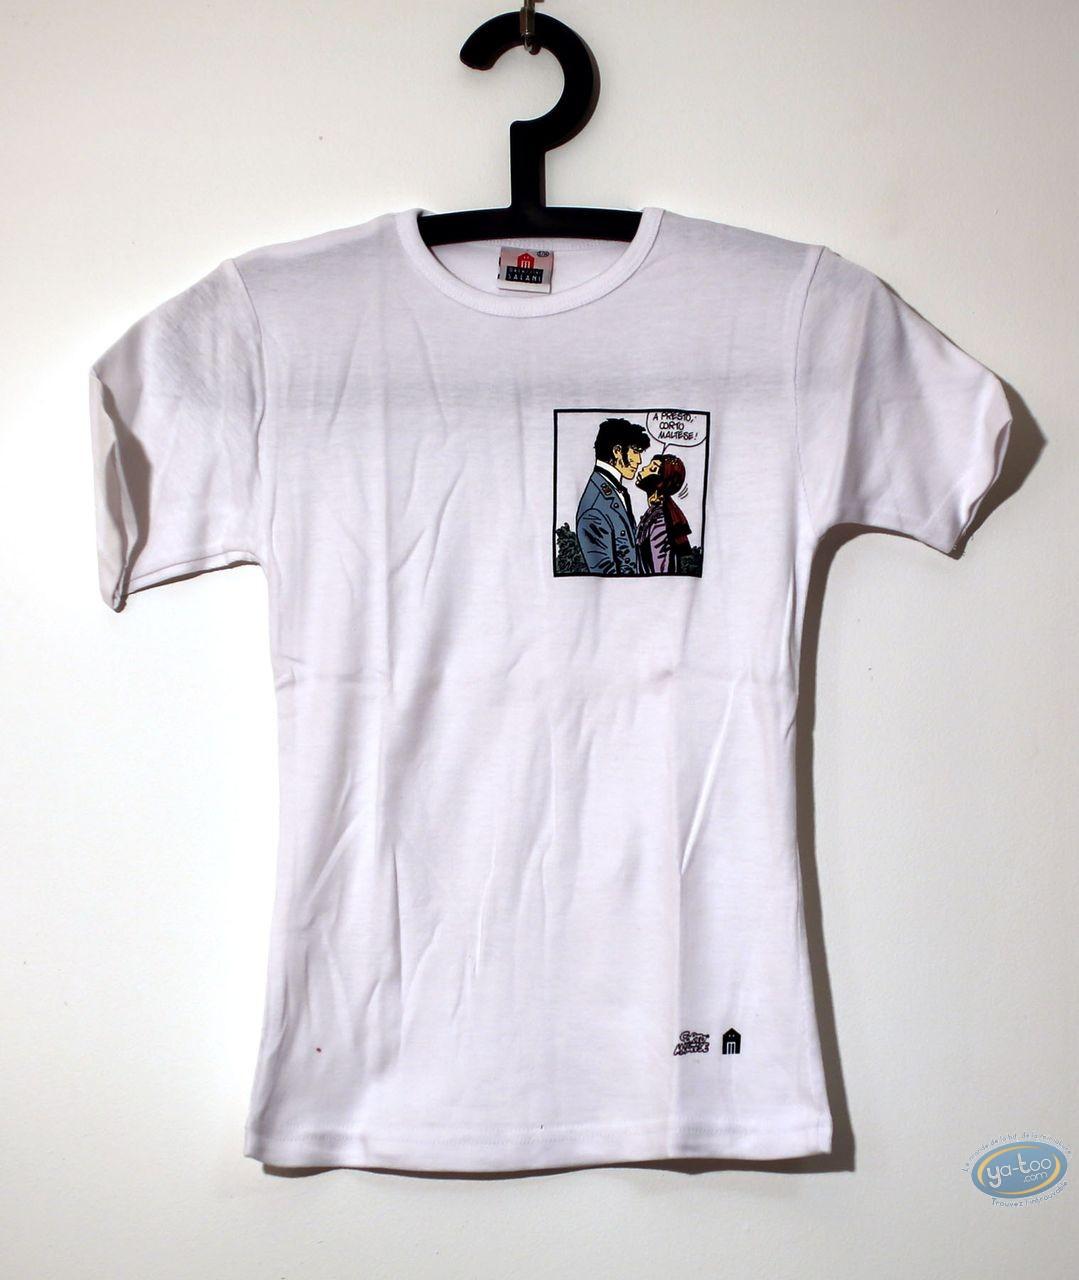 Clothes, Corto Maltese : T-shirt, Corto Maltese : Lady Morgany size M/L